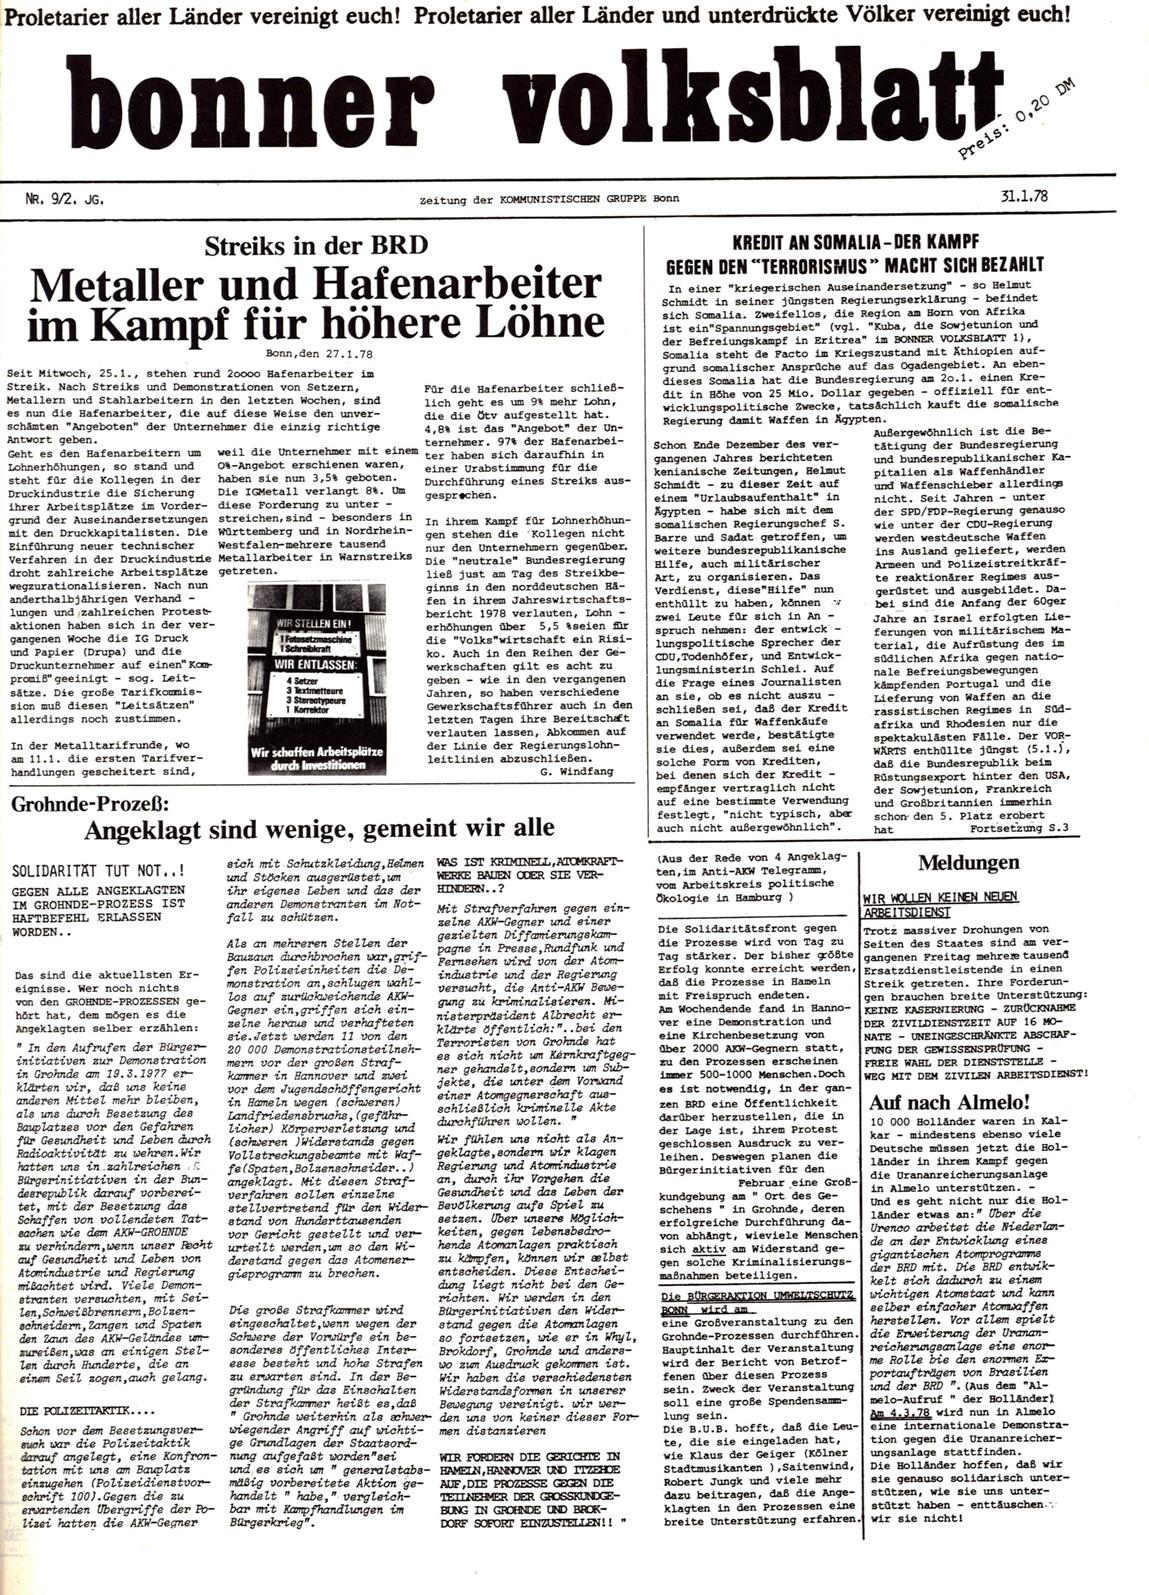 Bonner_Volksblatt_09_19780131_01